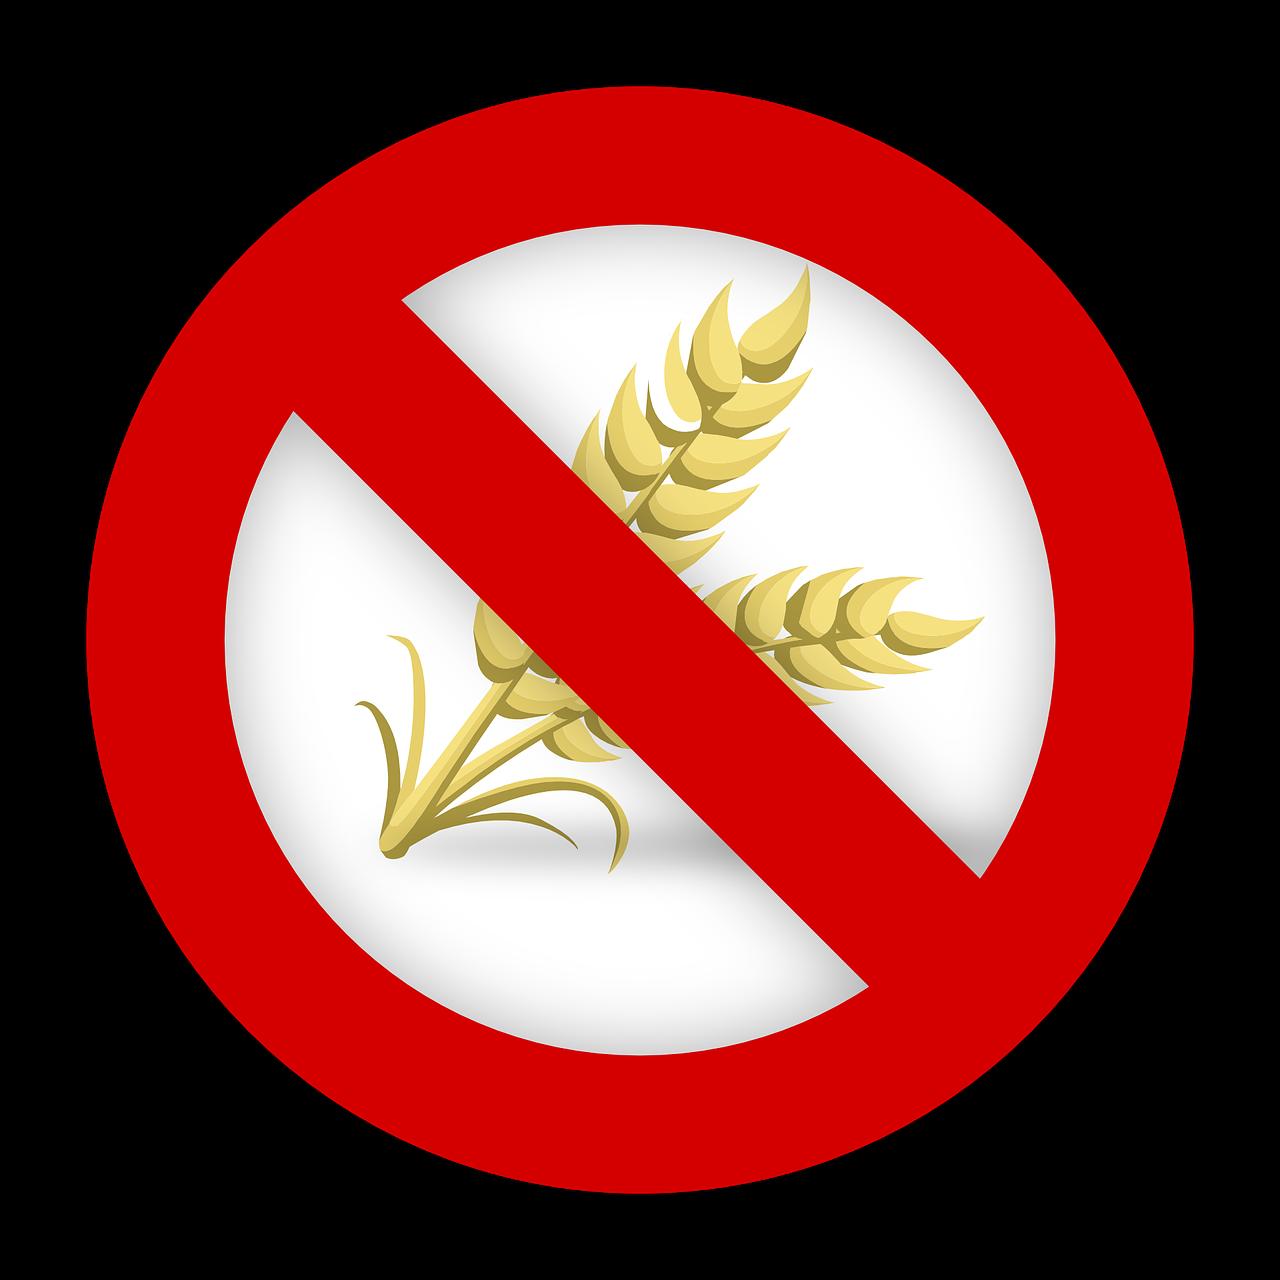 La réglementation impose de signaler la présence d'allergènes dans les produits alimentaires.